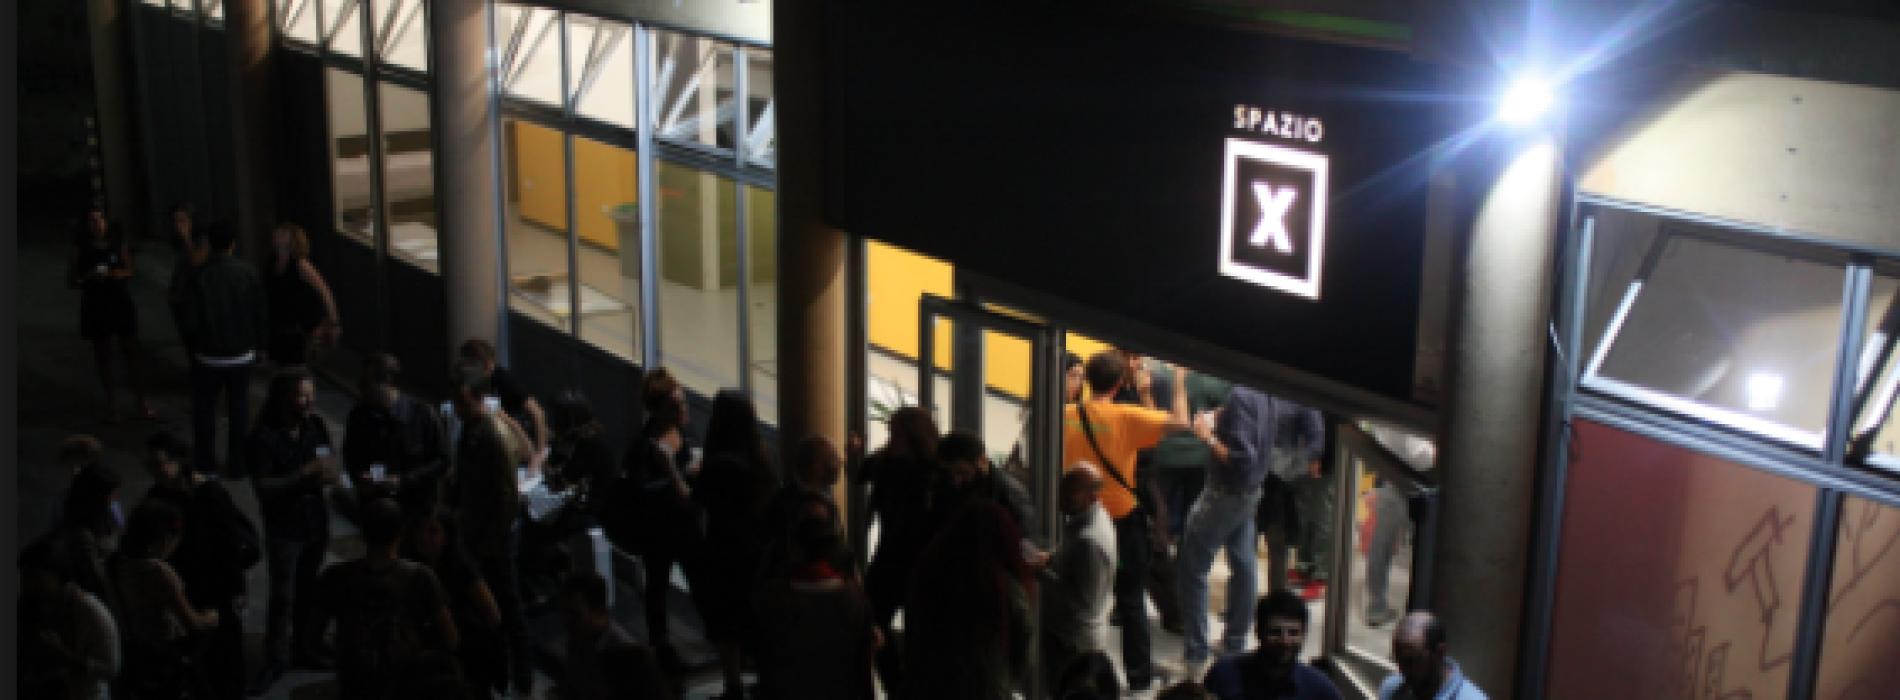 IntimaLente, il festival di film etnografici allo Spazio X